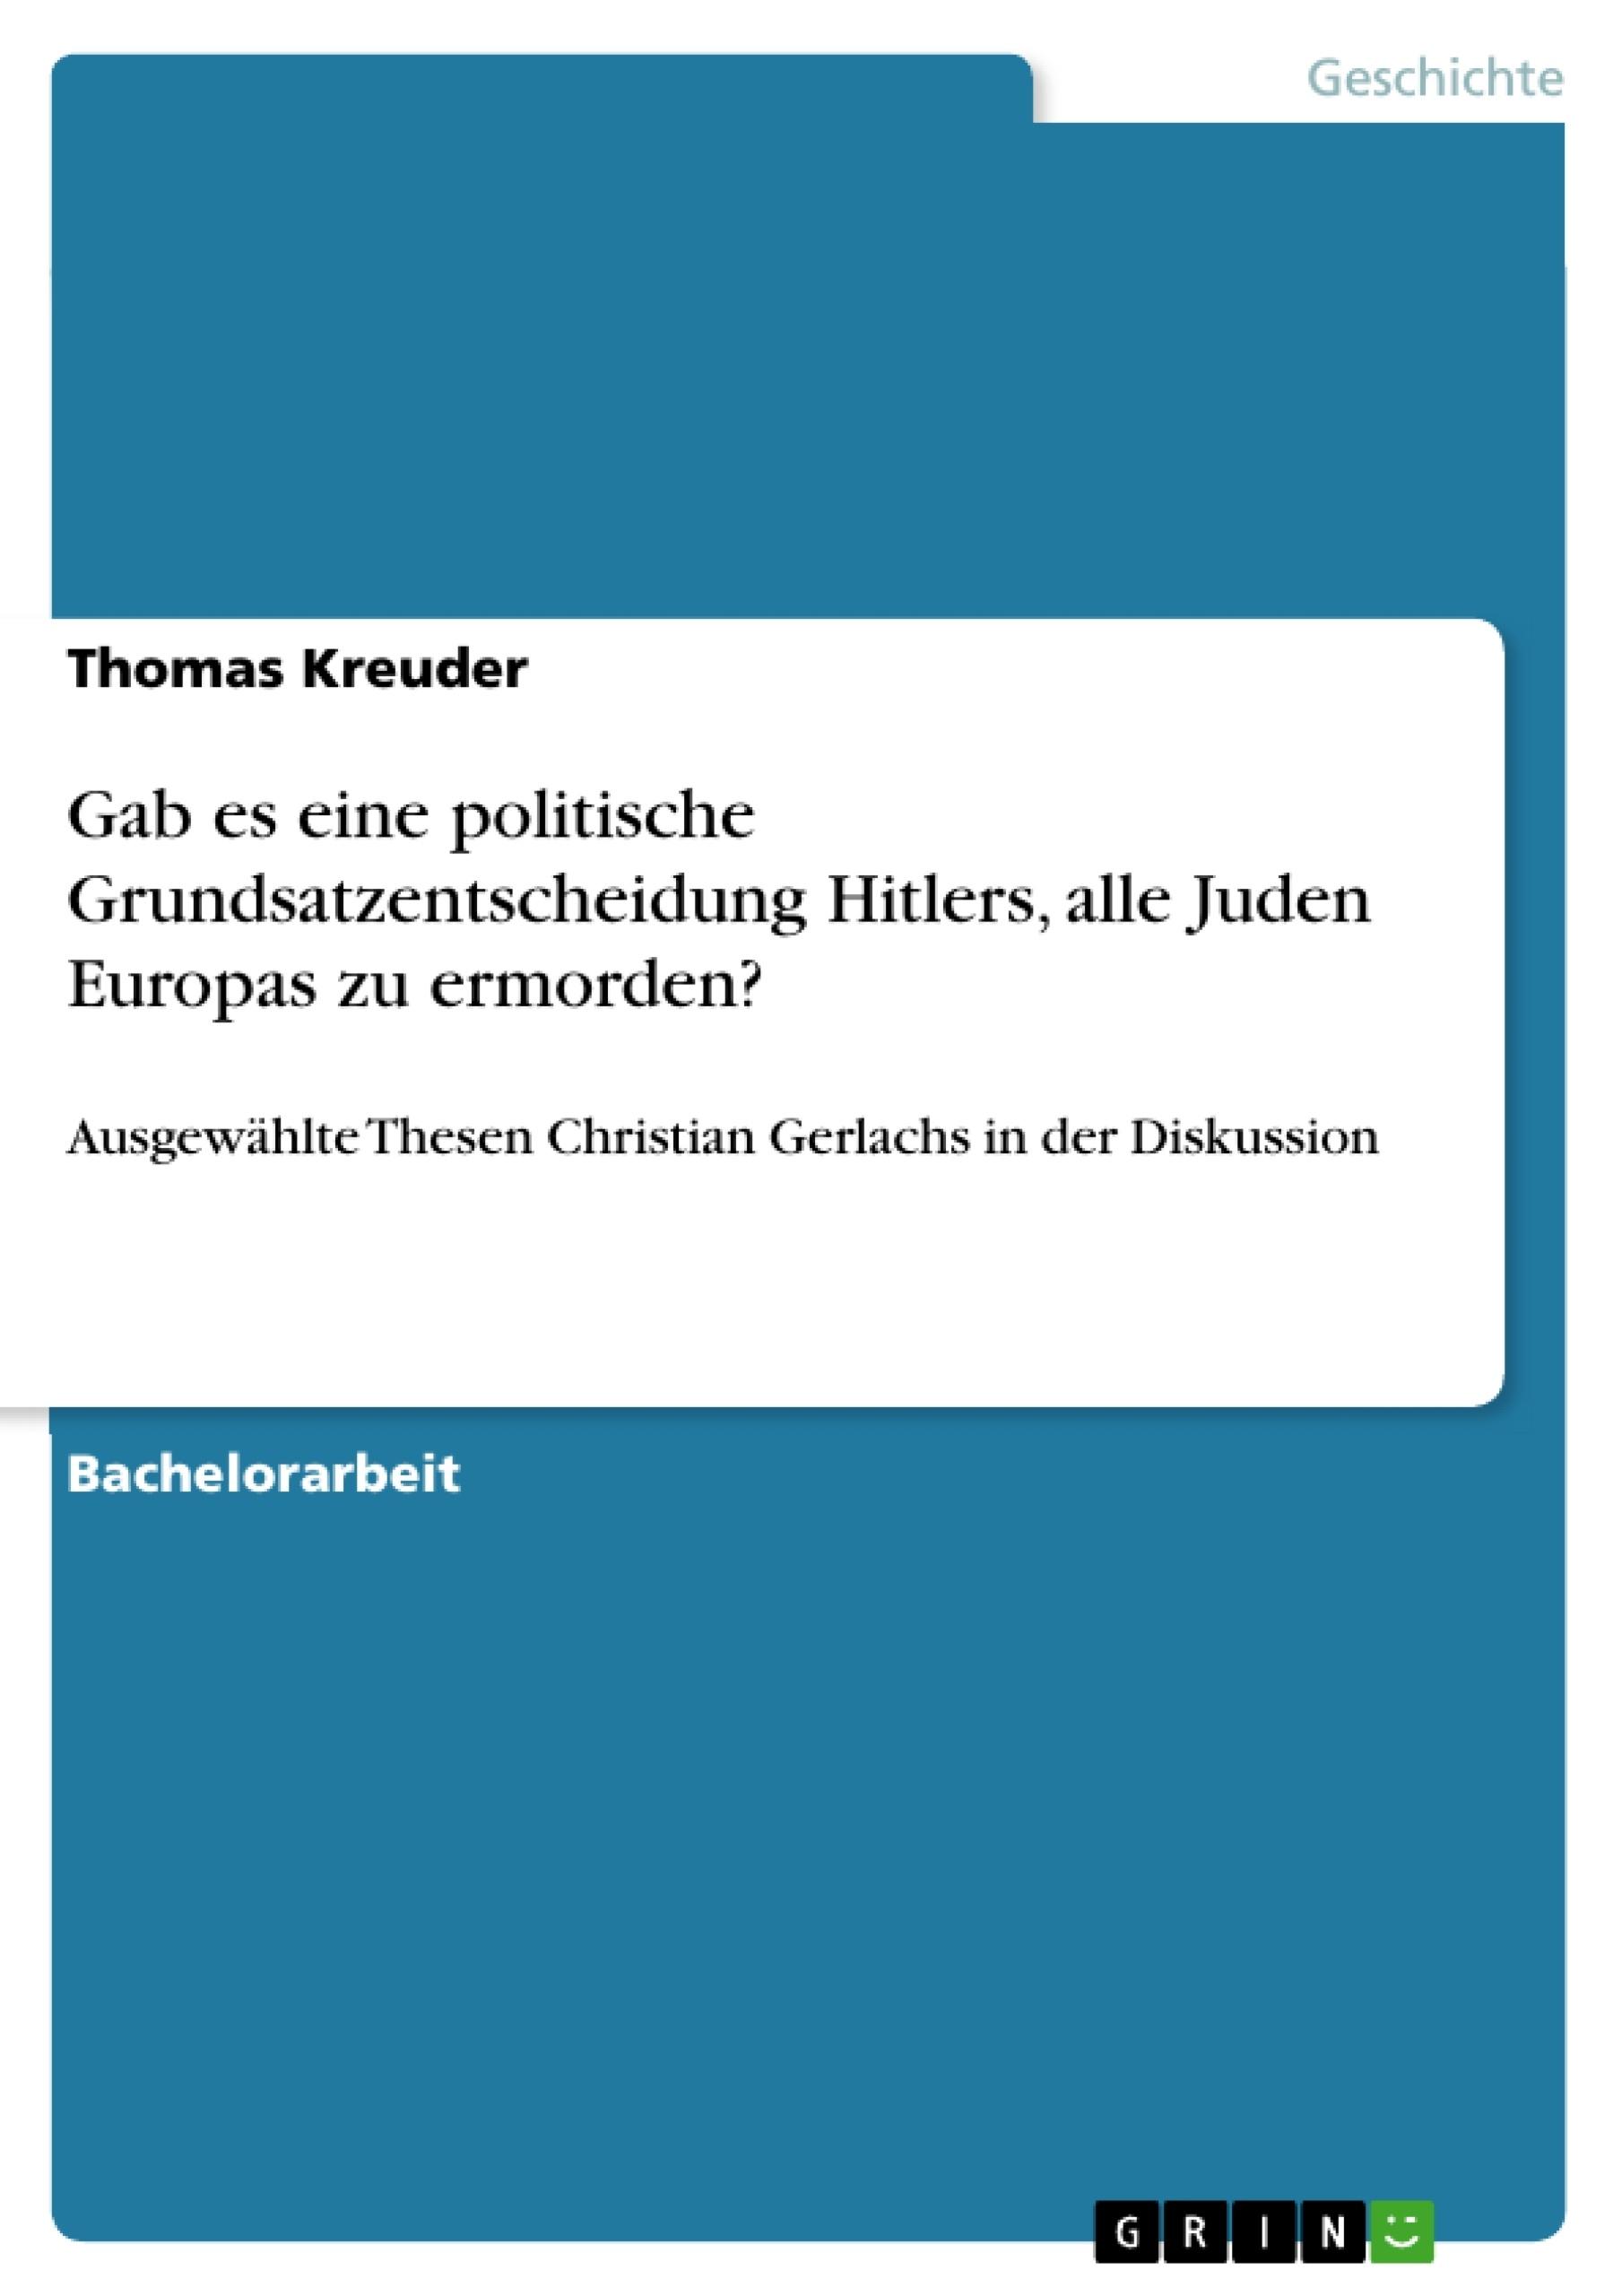 Titel: Gab es eine politische Grundsatzentscheidung Hitlers, alle Juden Europas zu ermorden?